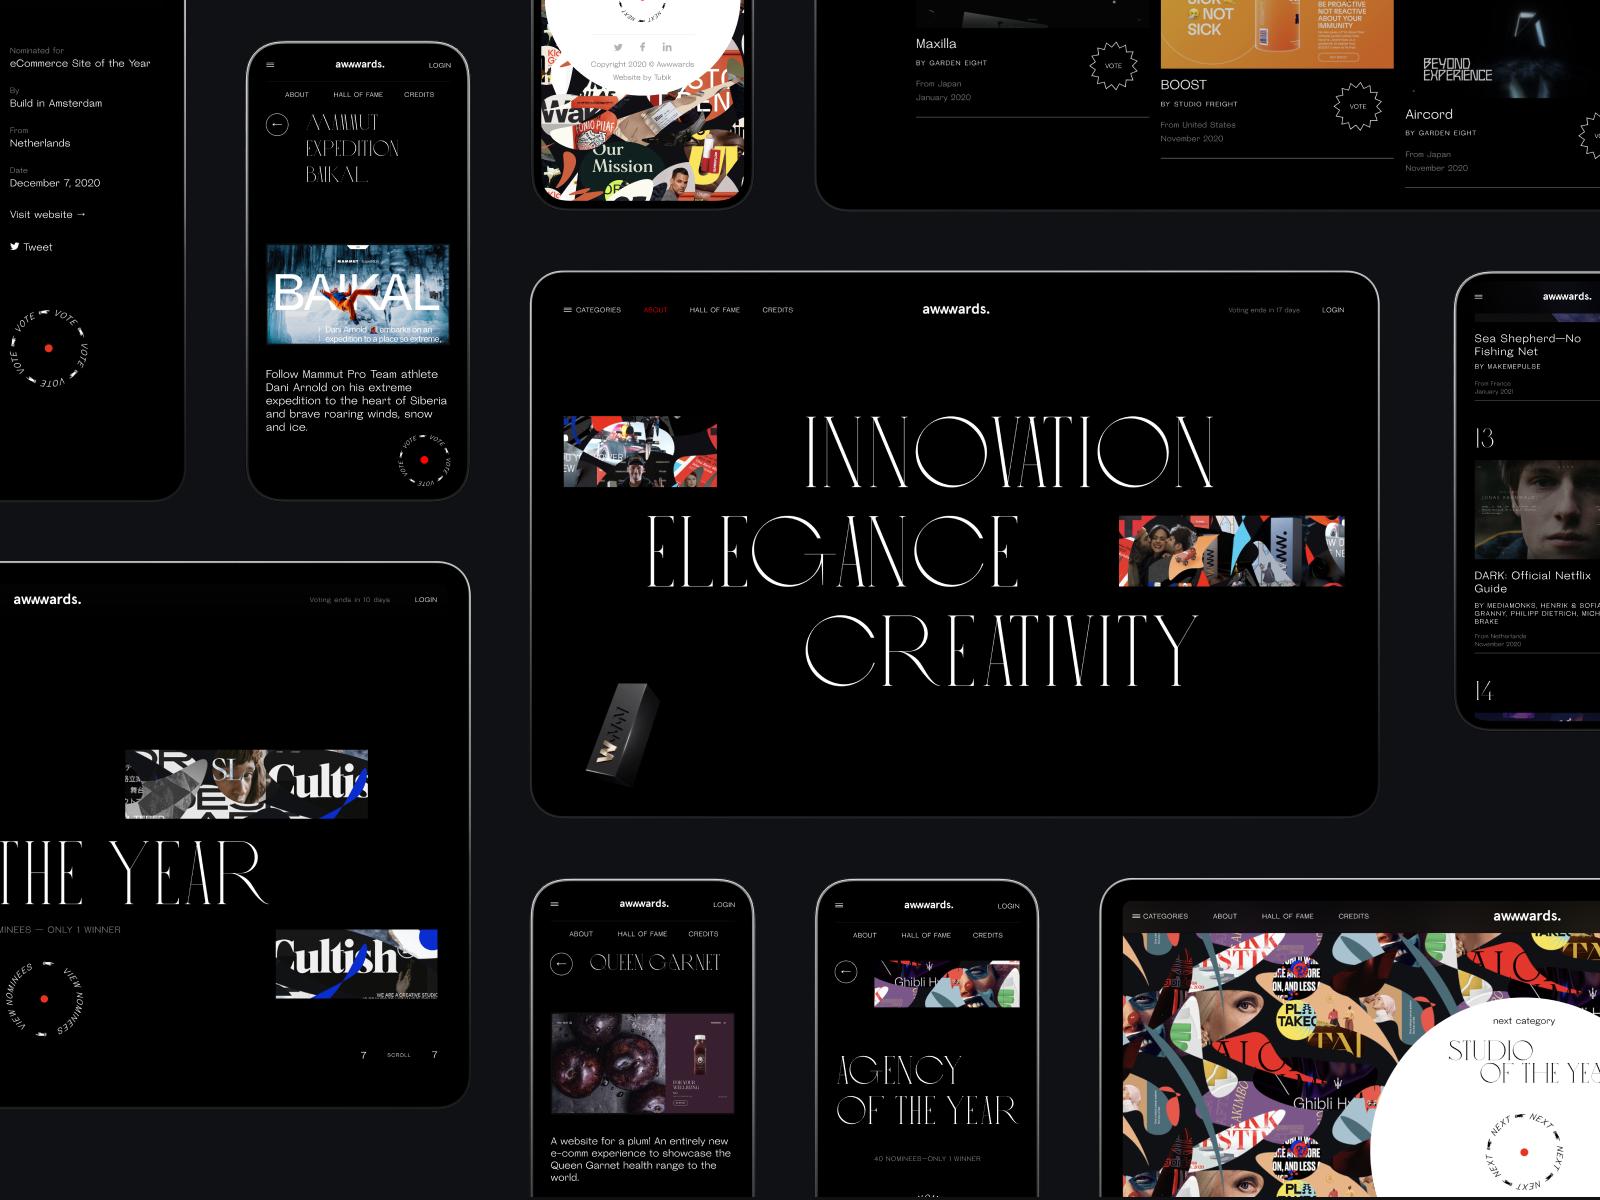 awwwards annual website design